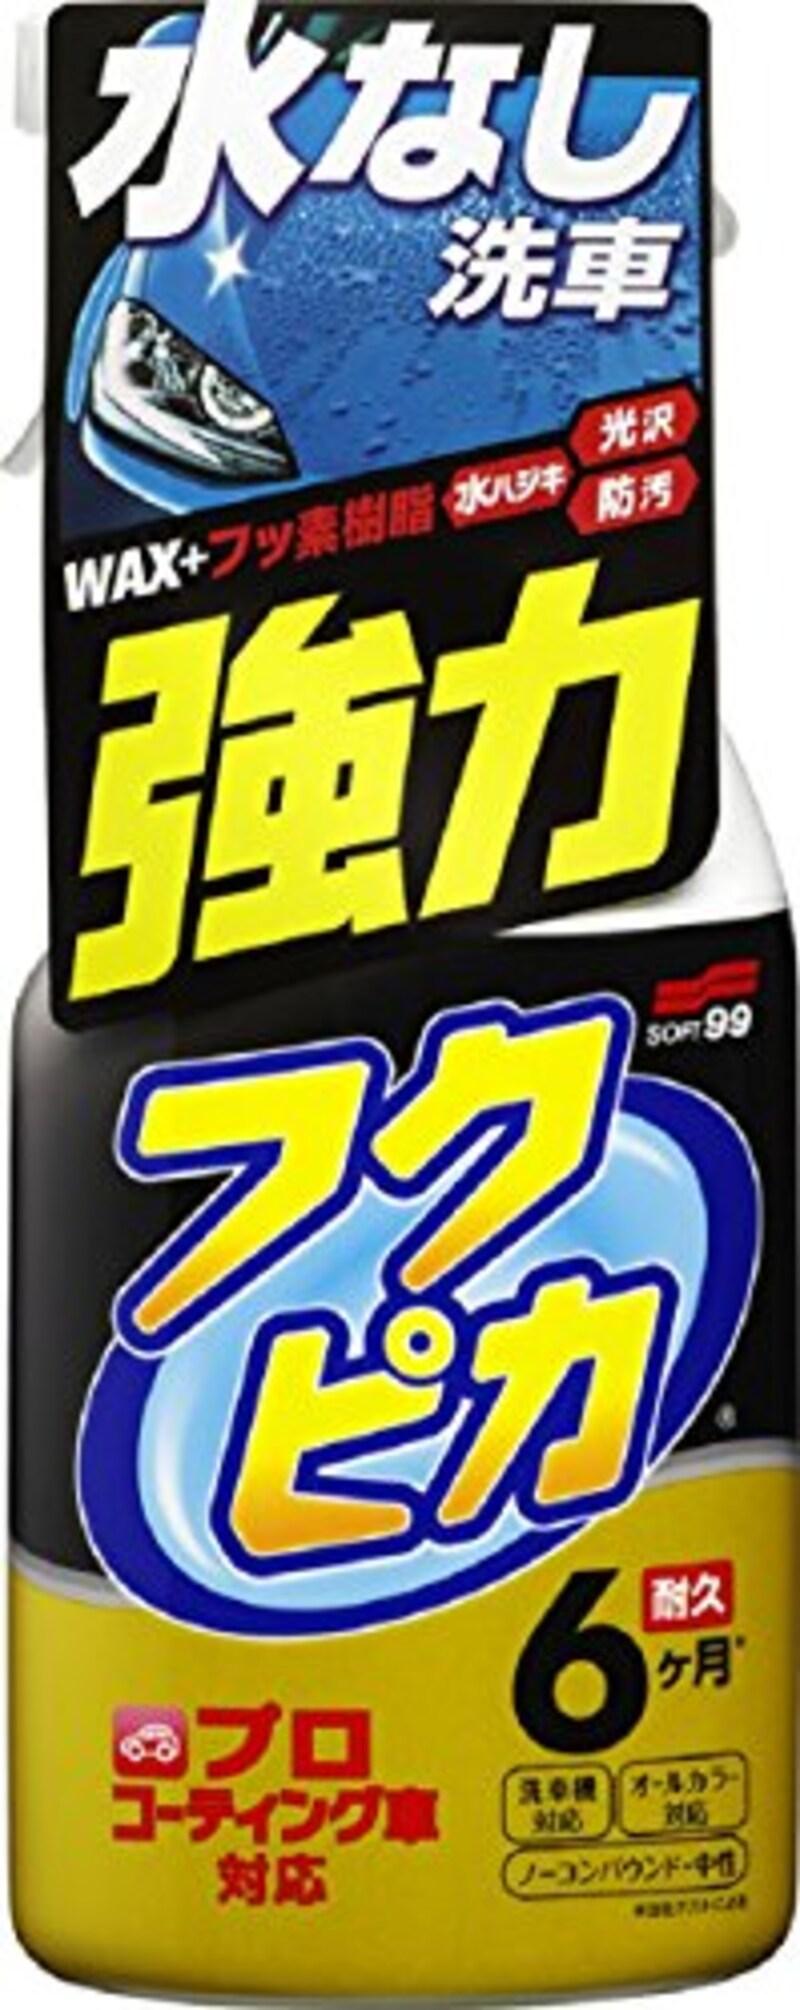 ソフト99(SOFT99),フクピカトリガー強力タイプ 2.0